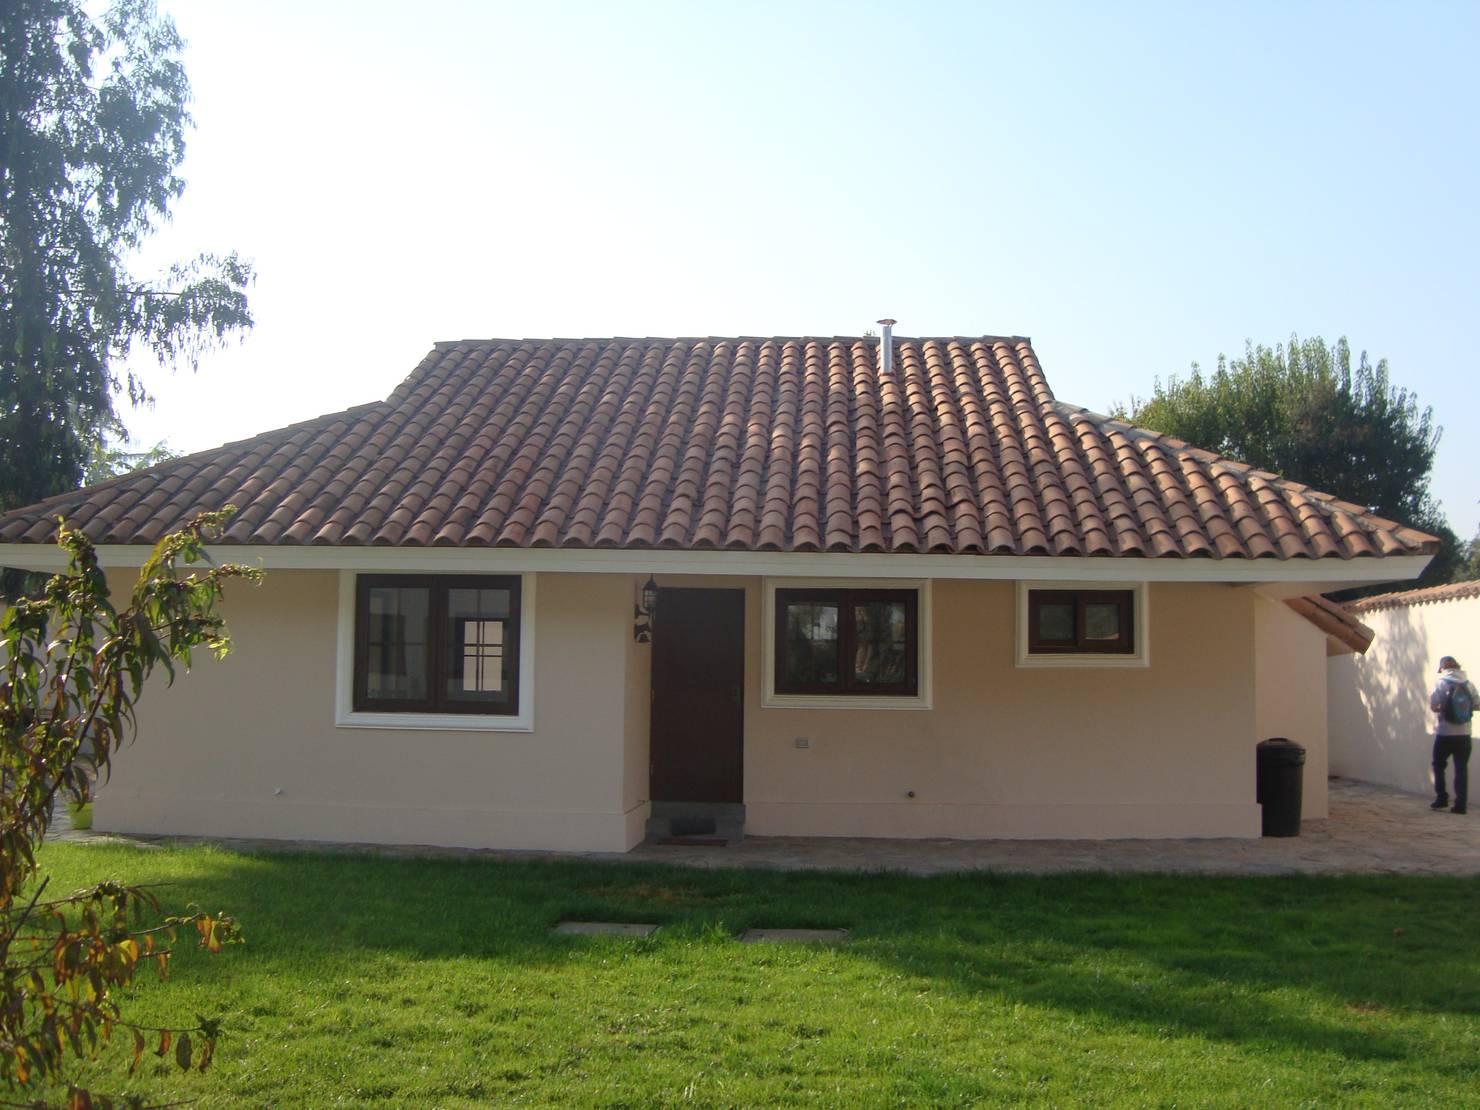 Una espectacular casa con techo de tejas